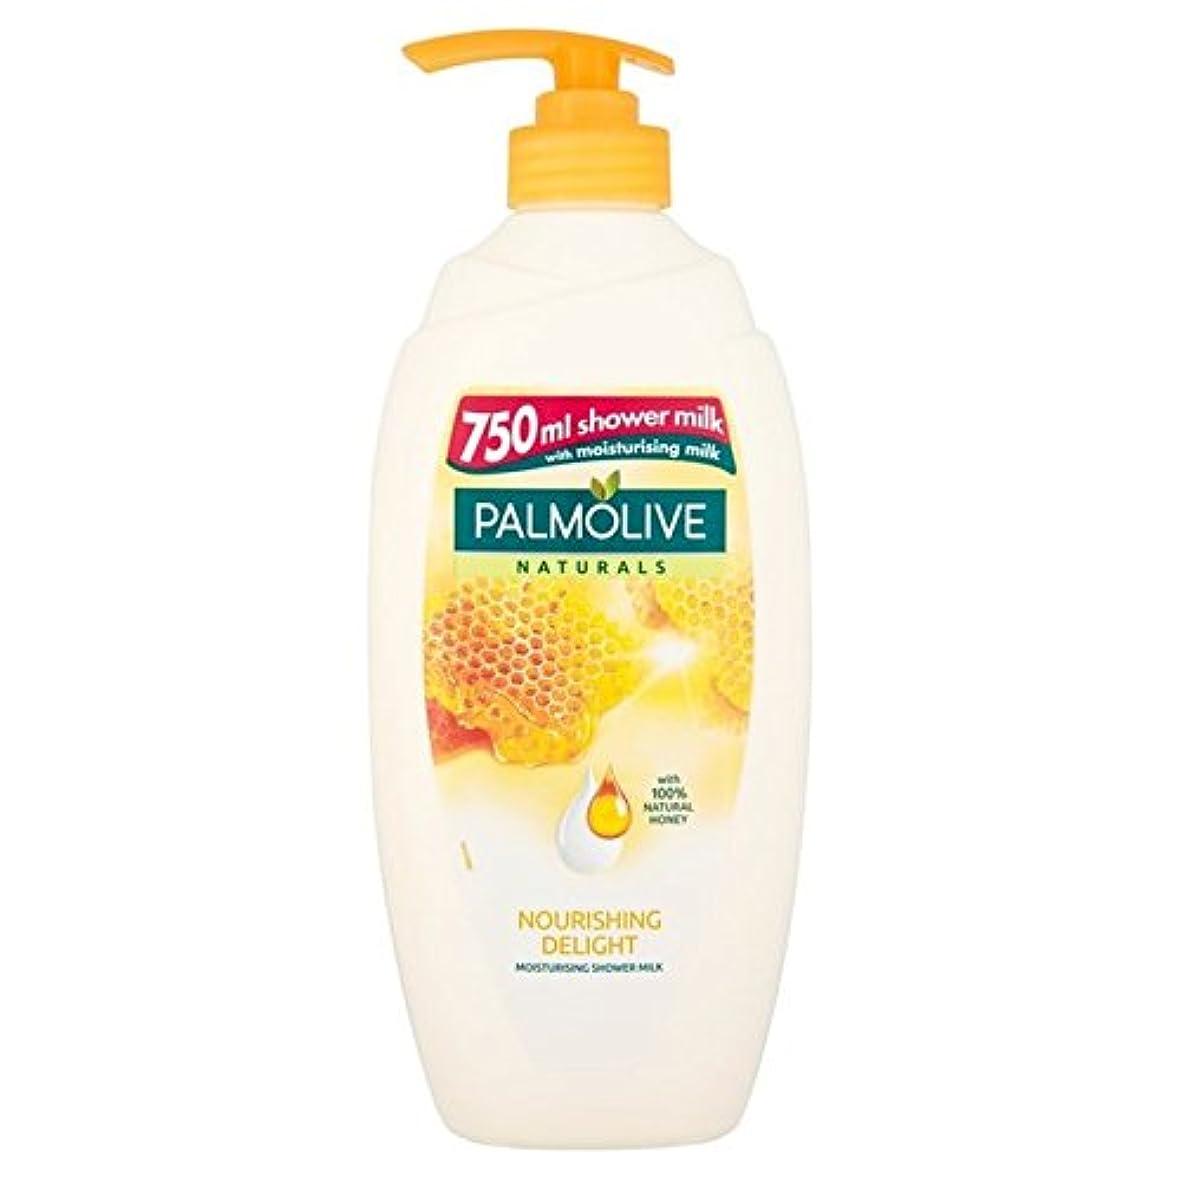 スポーツの試合を担当している人瞑想宣教師Palmolive Naturals Nourishing Shower Naturals Milk with Honey 750ml - 蜂蜜の750ミリリットルとシャワーナチュラルミルク栄養パルモライブナチュラル [...